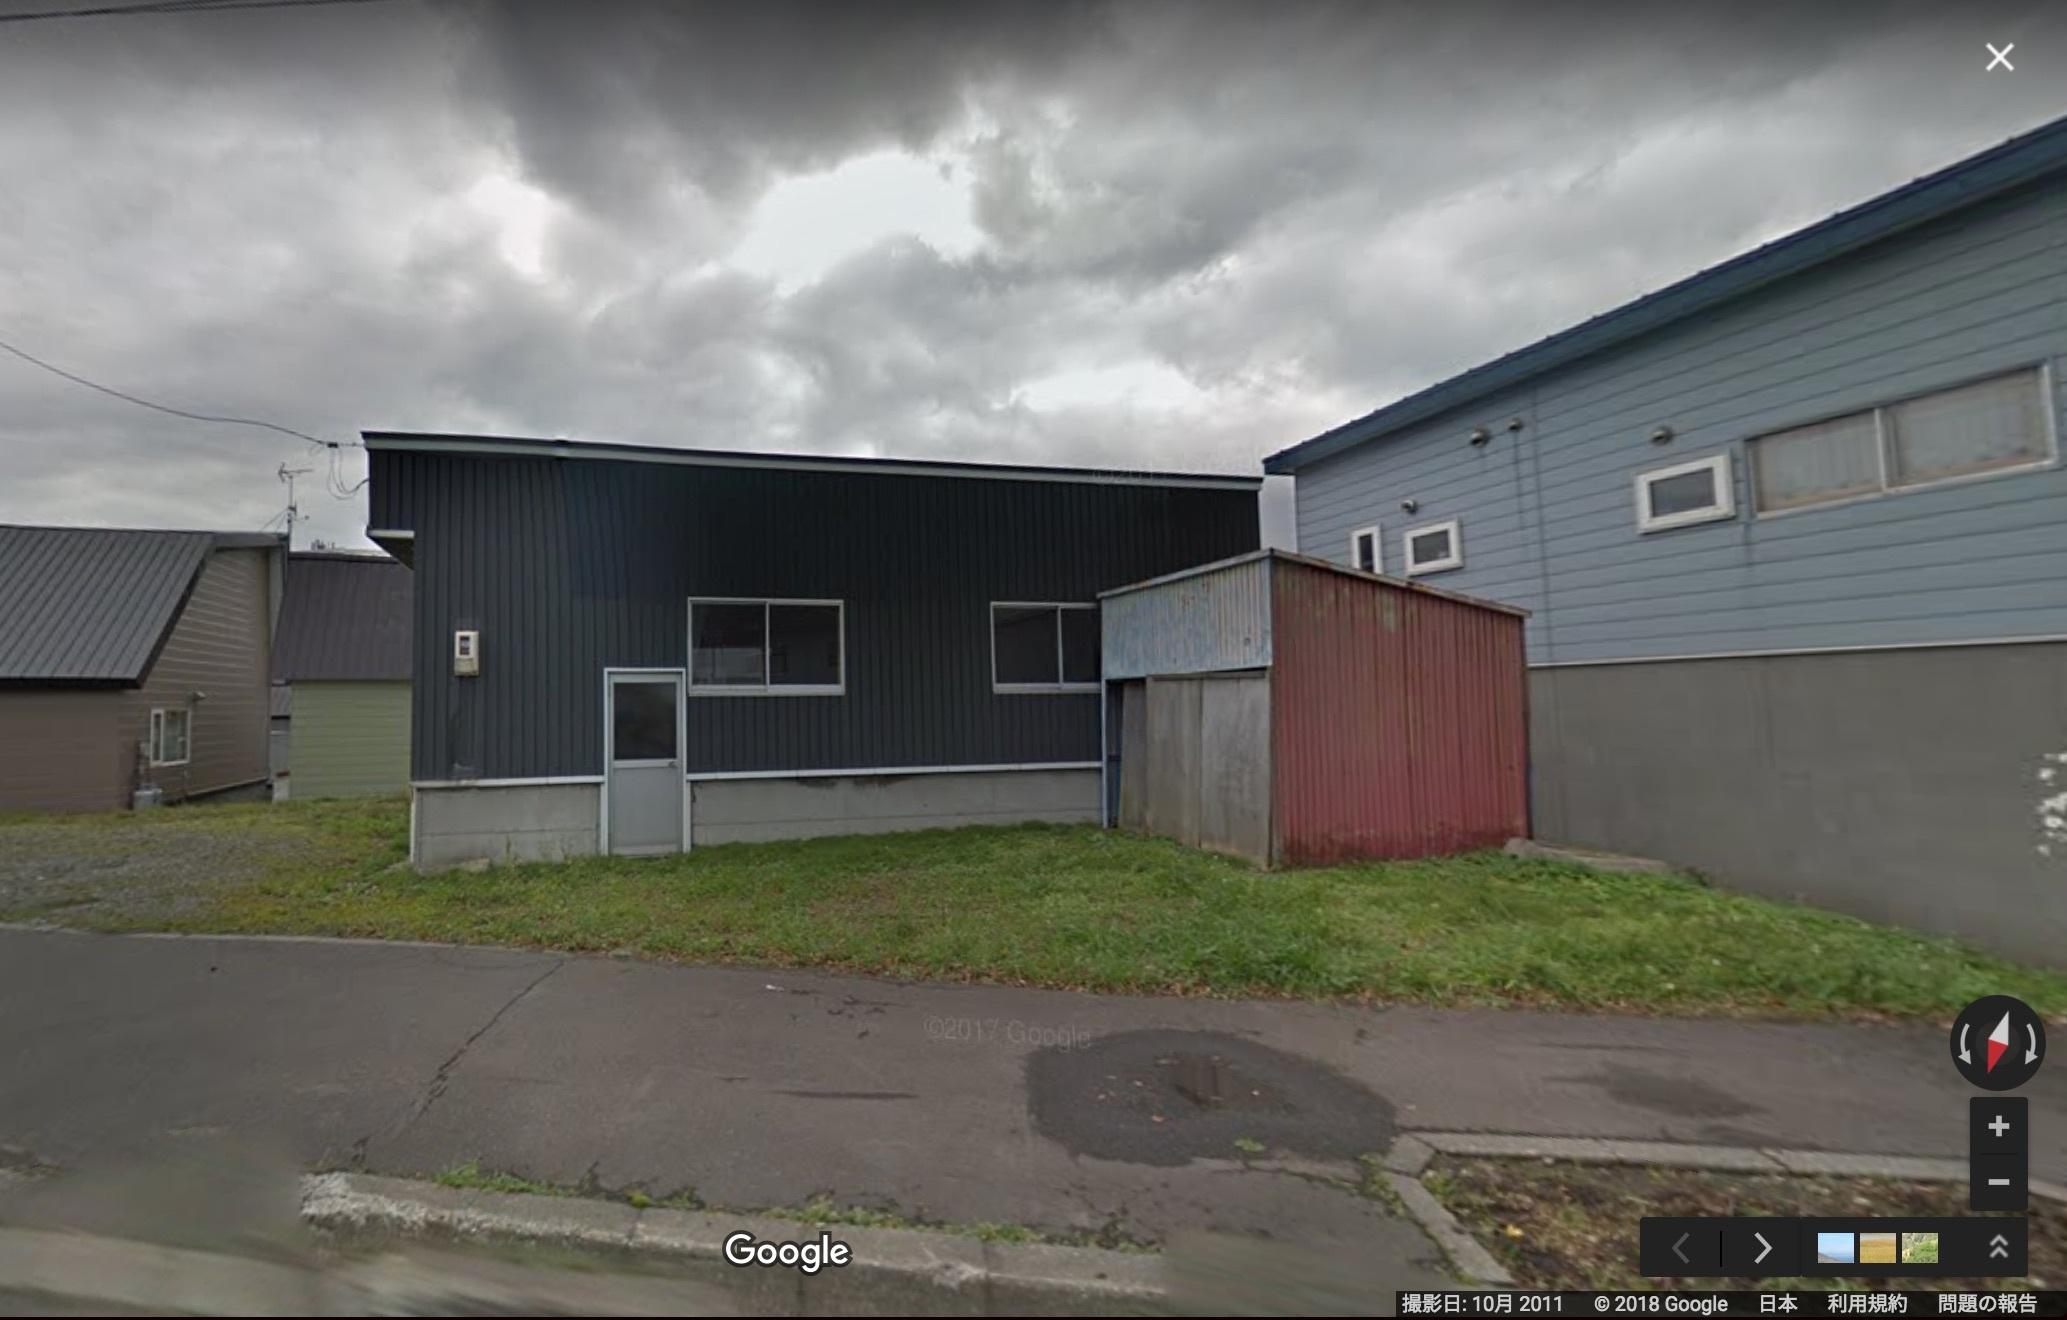 ストリートビューで見る、だいちゃんガレージの過去と現在_e0159646_07004832.jpg